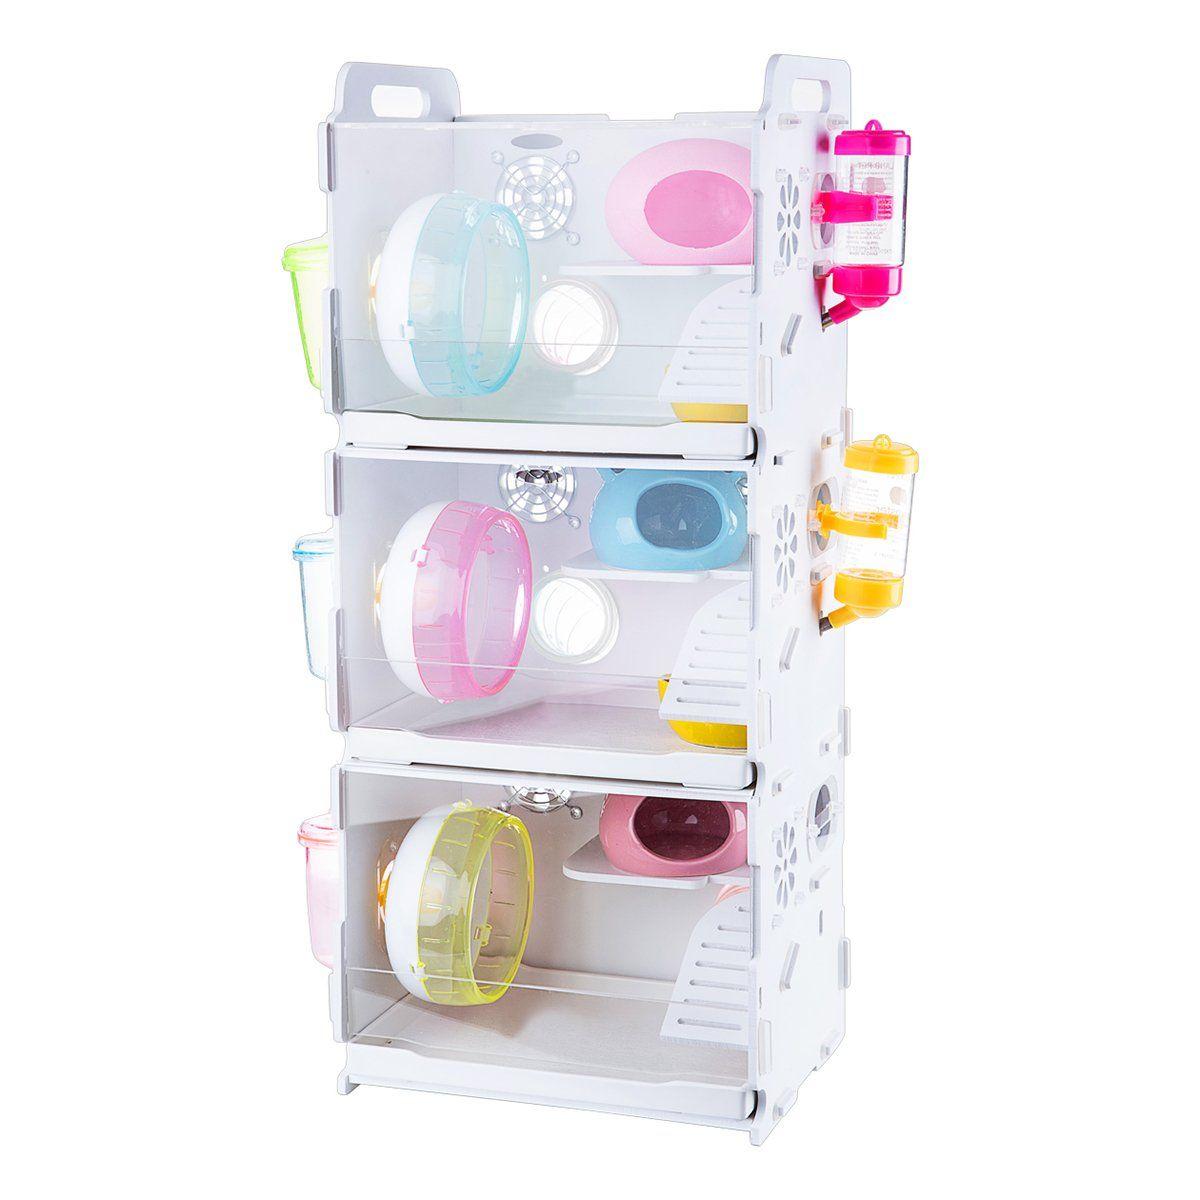 crystalzoo Crystal Acrylic Hamster Three Floors Pet Cage